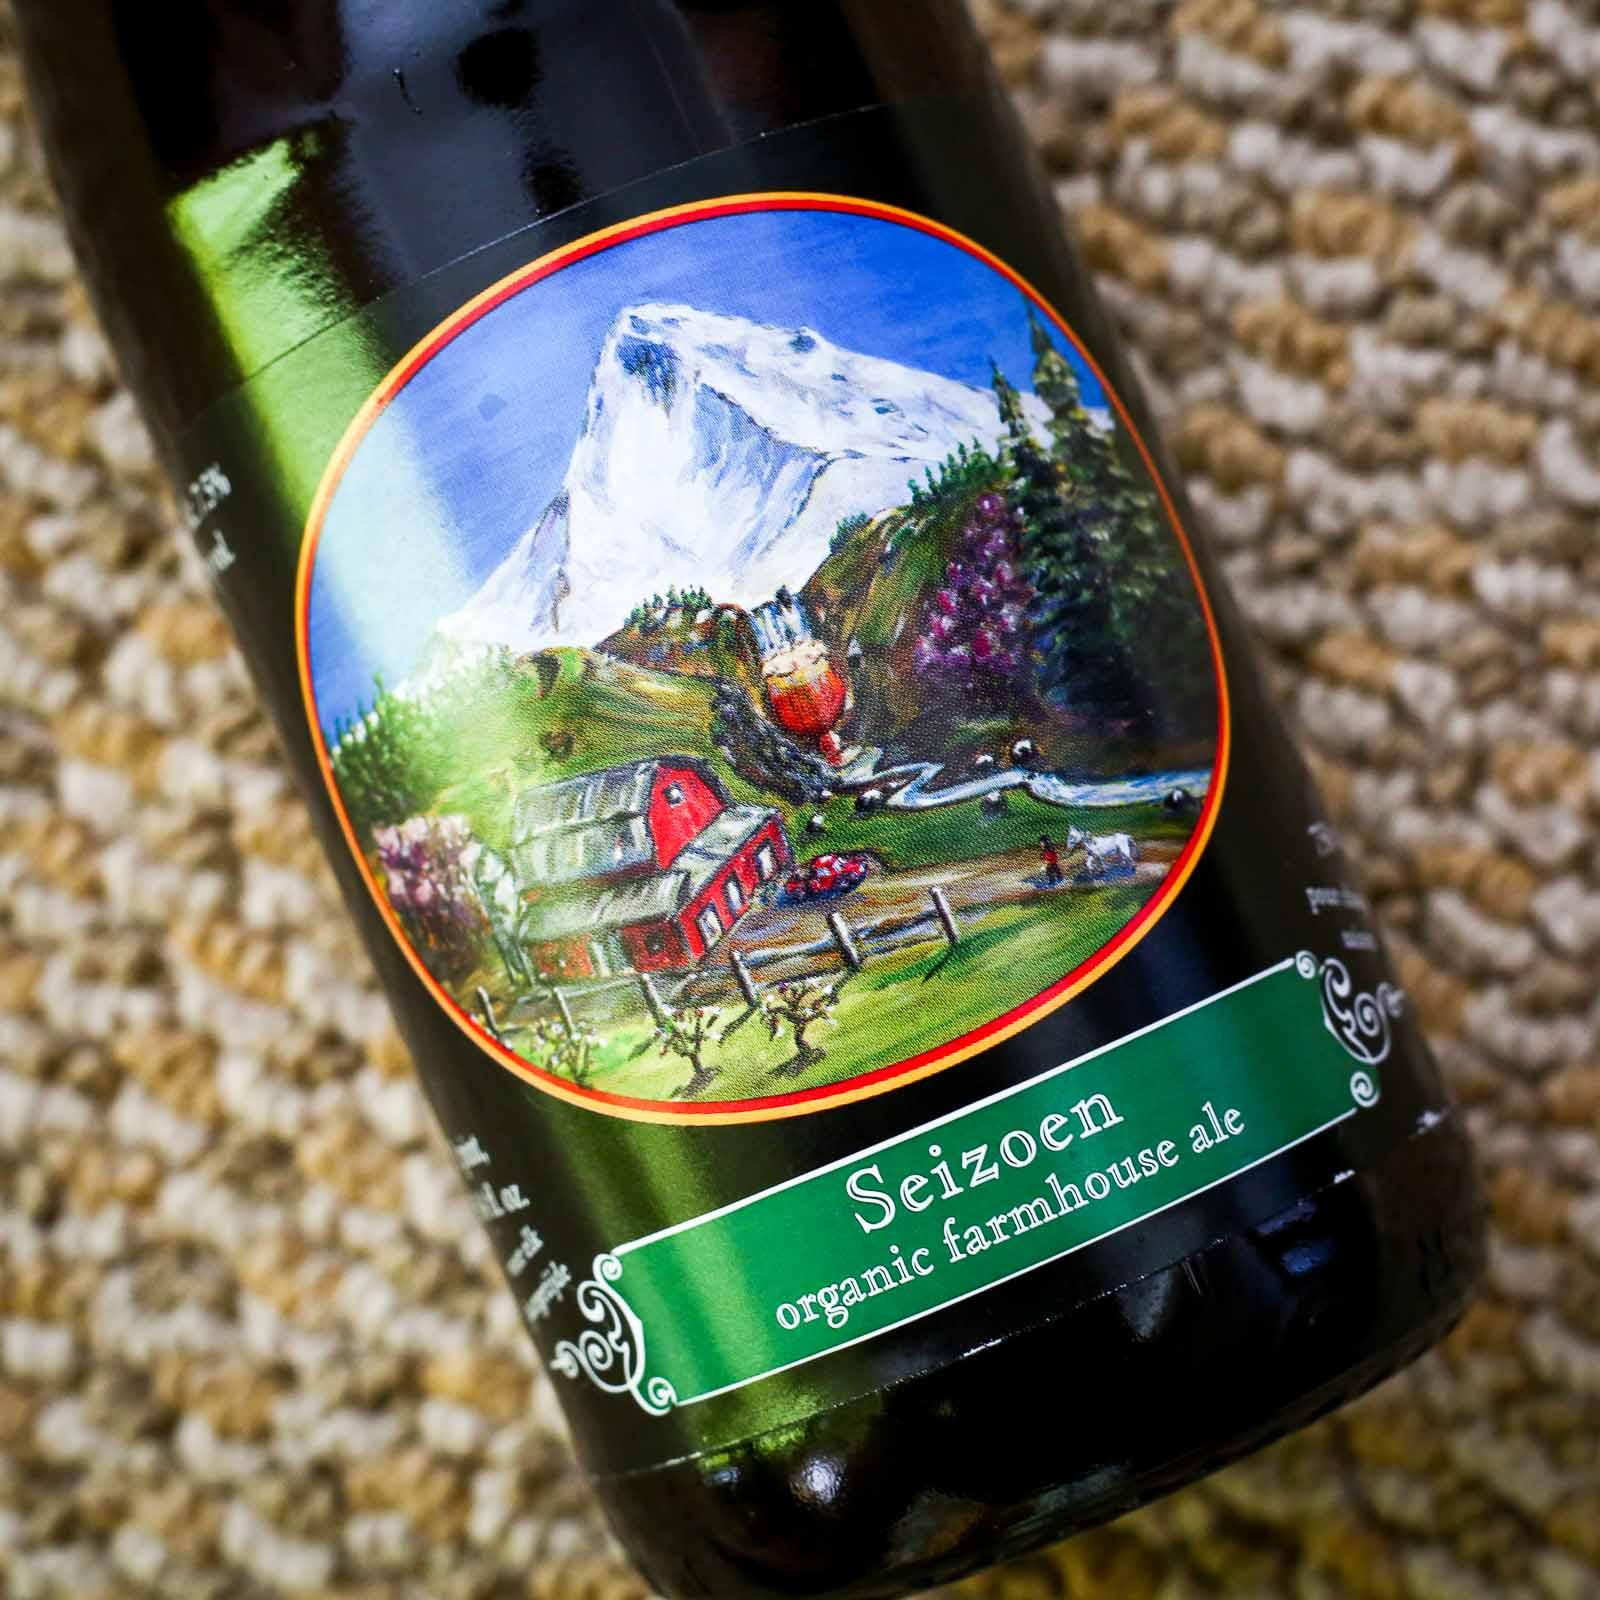 Logsdon Farmhouse Ales - Seizoen